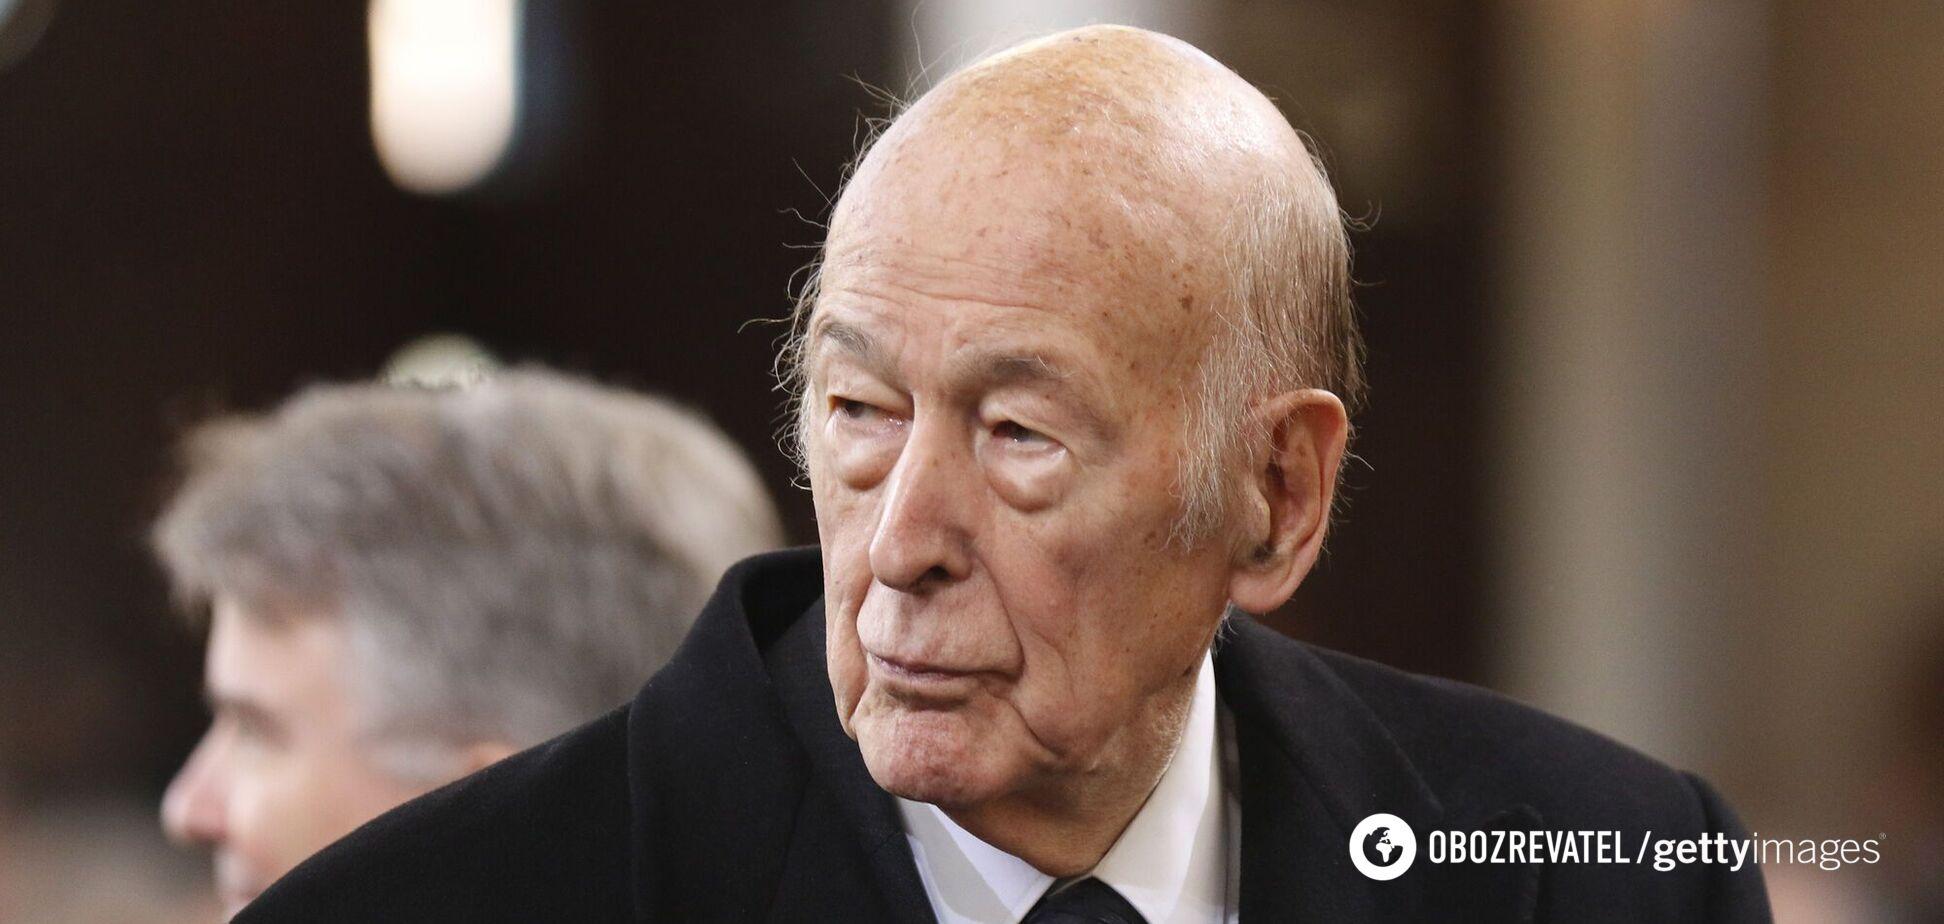 Валері Жискар д'Естену було 74 роки